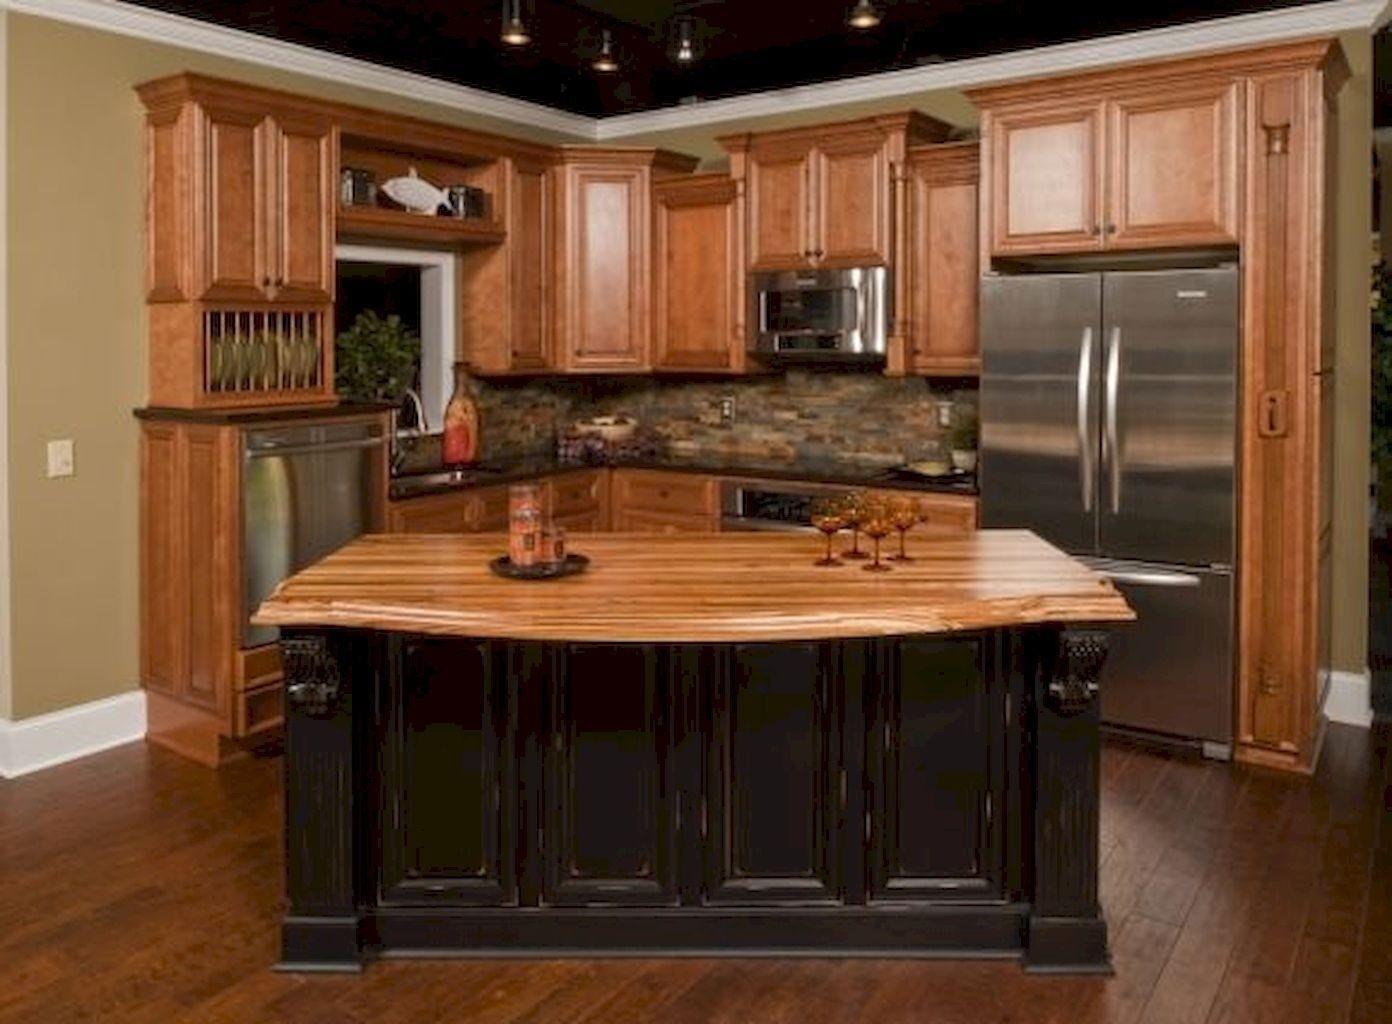 Granite Countertops On Oak Cabinets